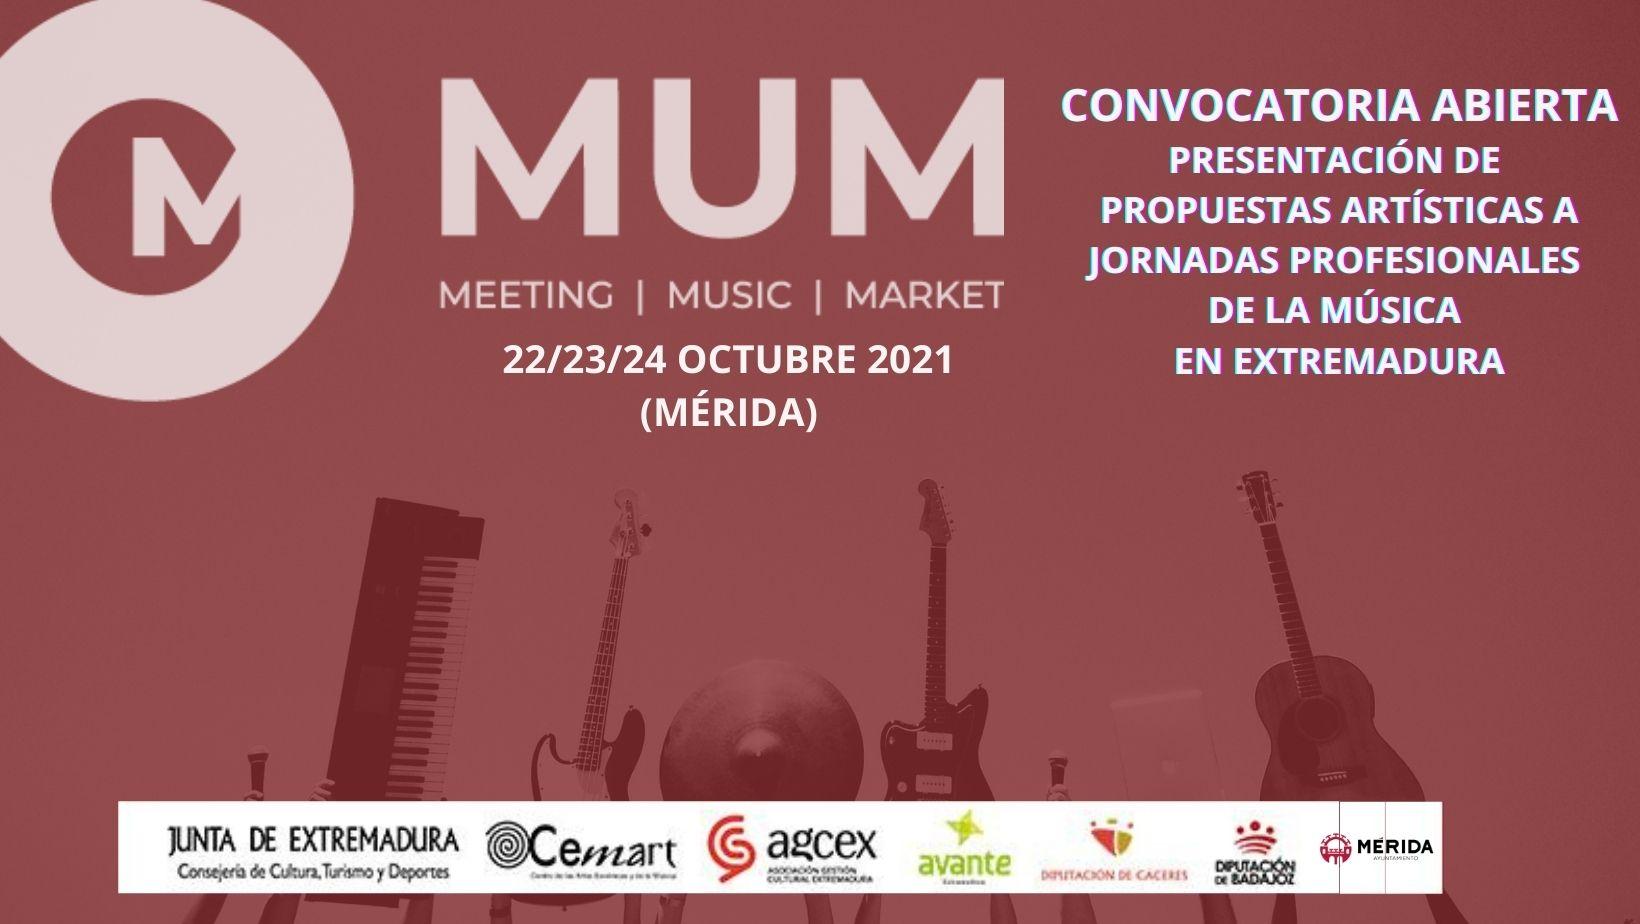 Convocatoria abierta para presentar propuestas artísticas a MUM21.